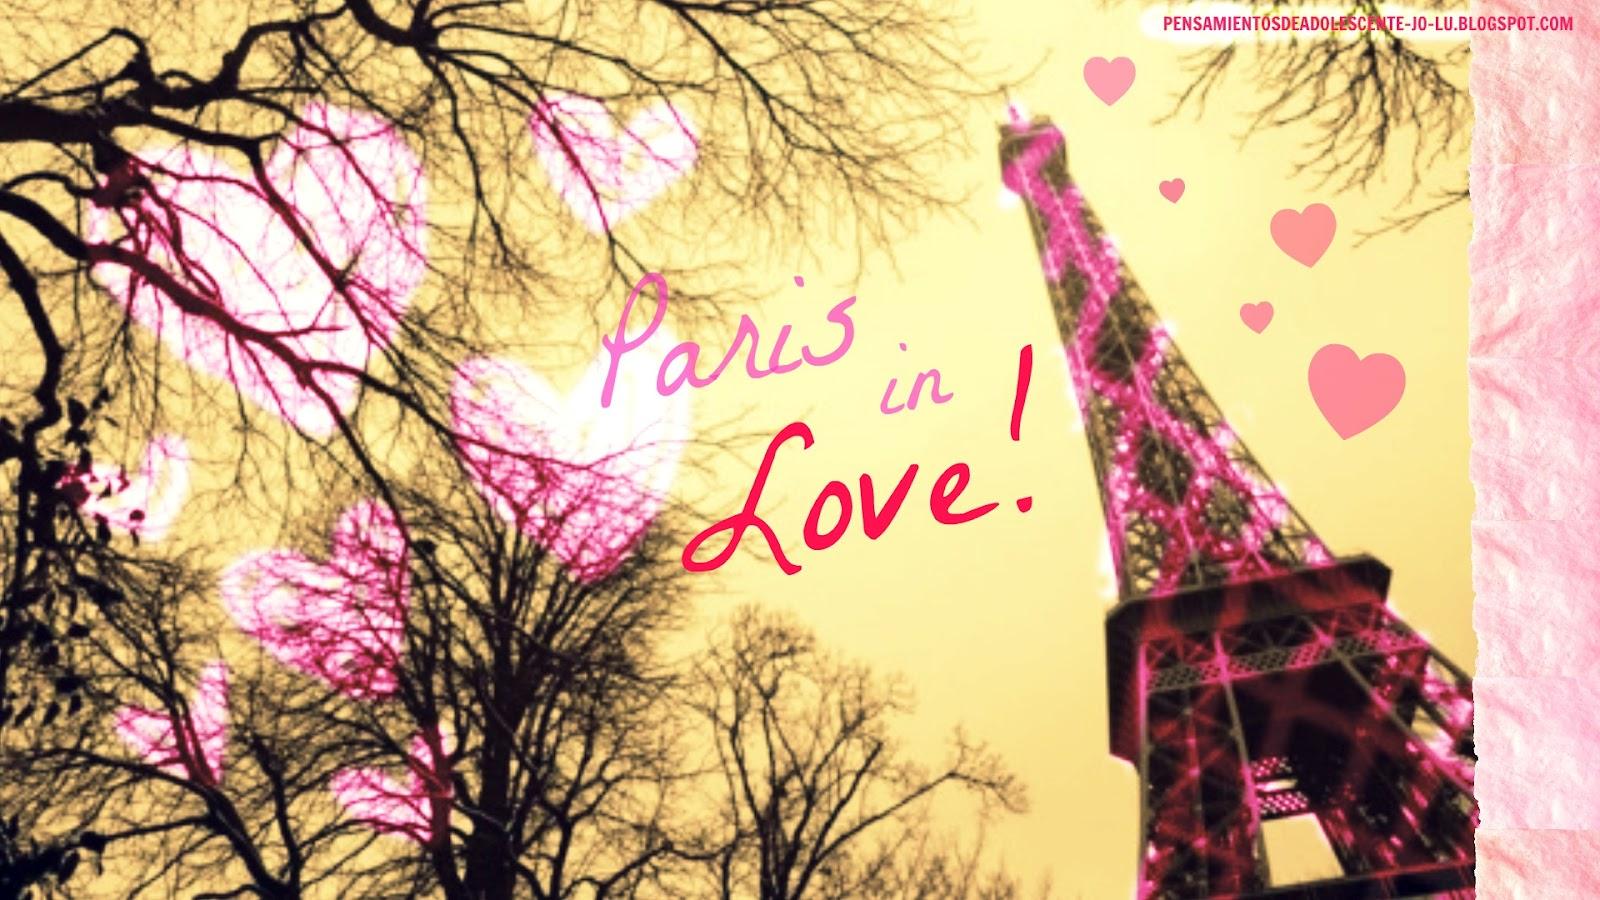 Cute Wallpapers Of Paris WallpaperSafari